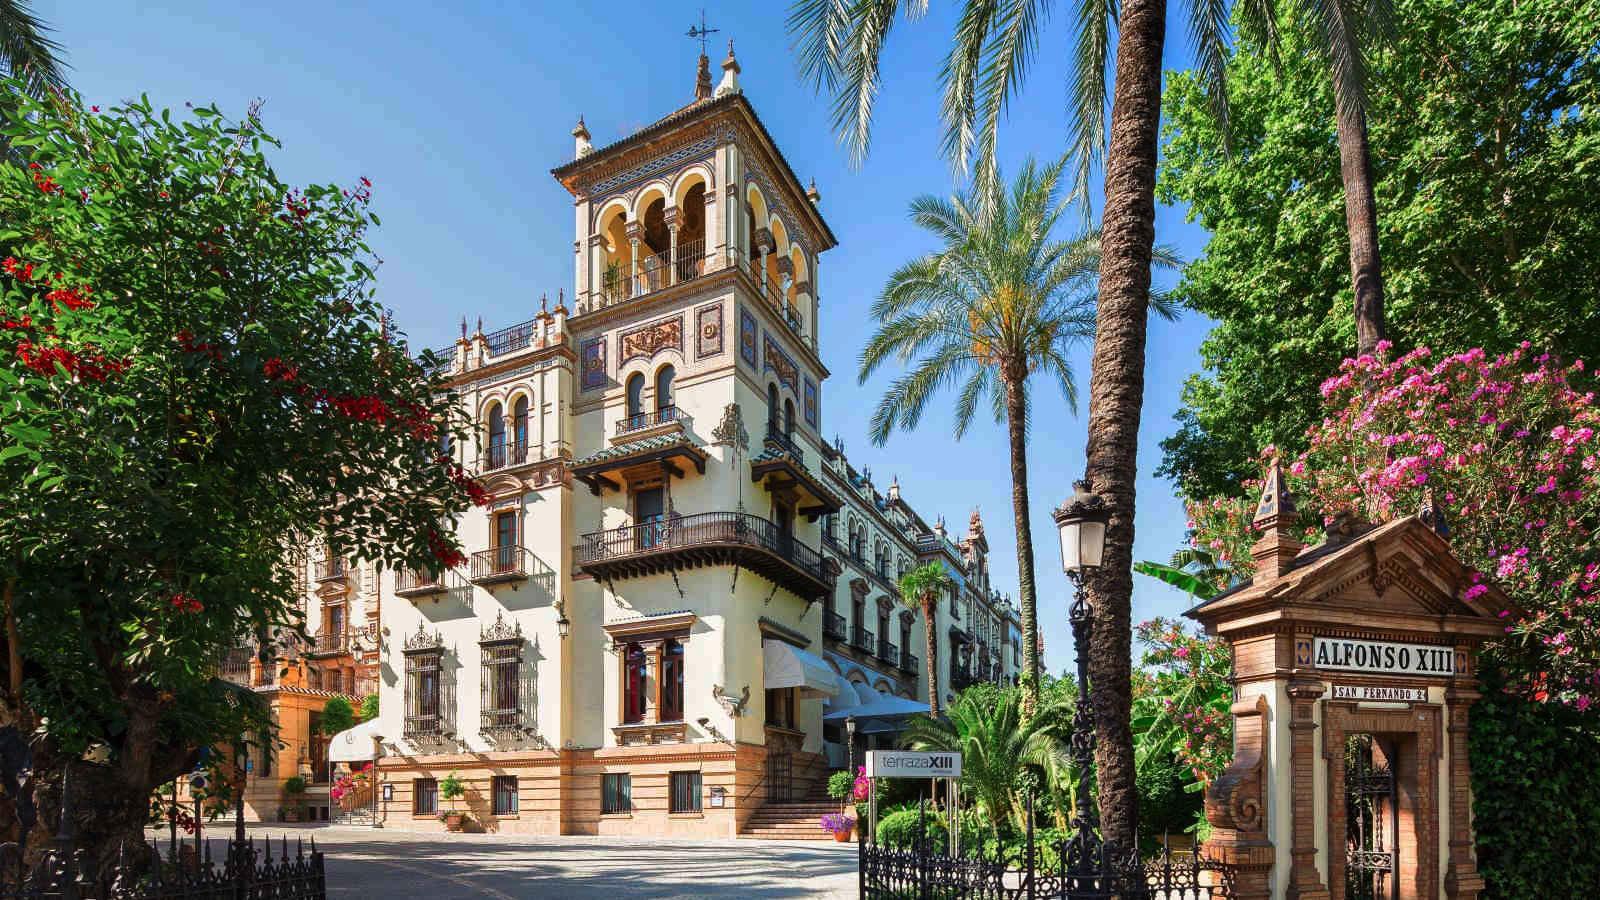 Reforma del sistema de climatización del Hotel Alfonso XIII en Sevilla